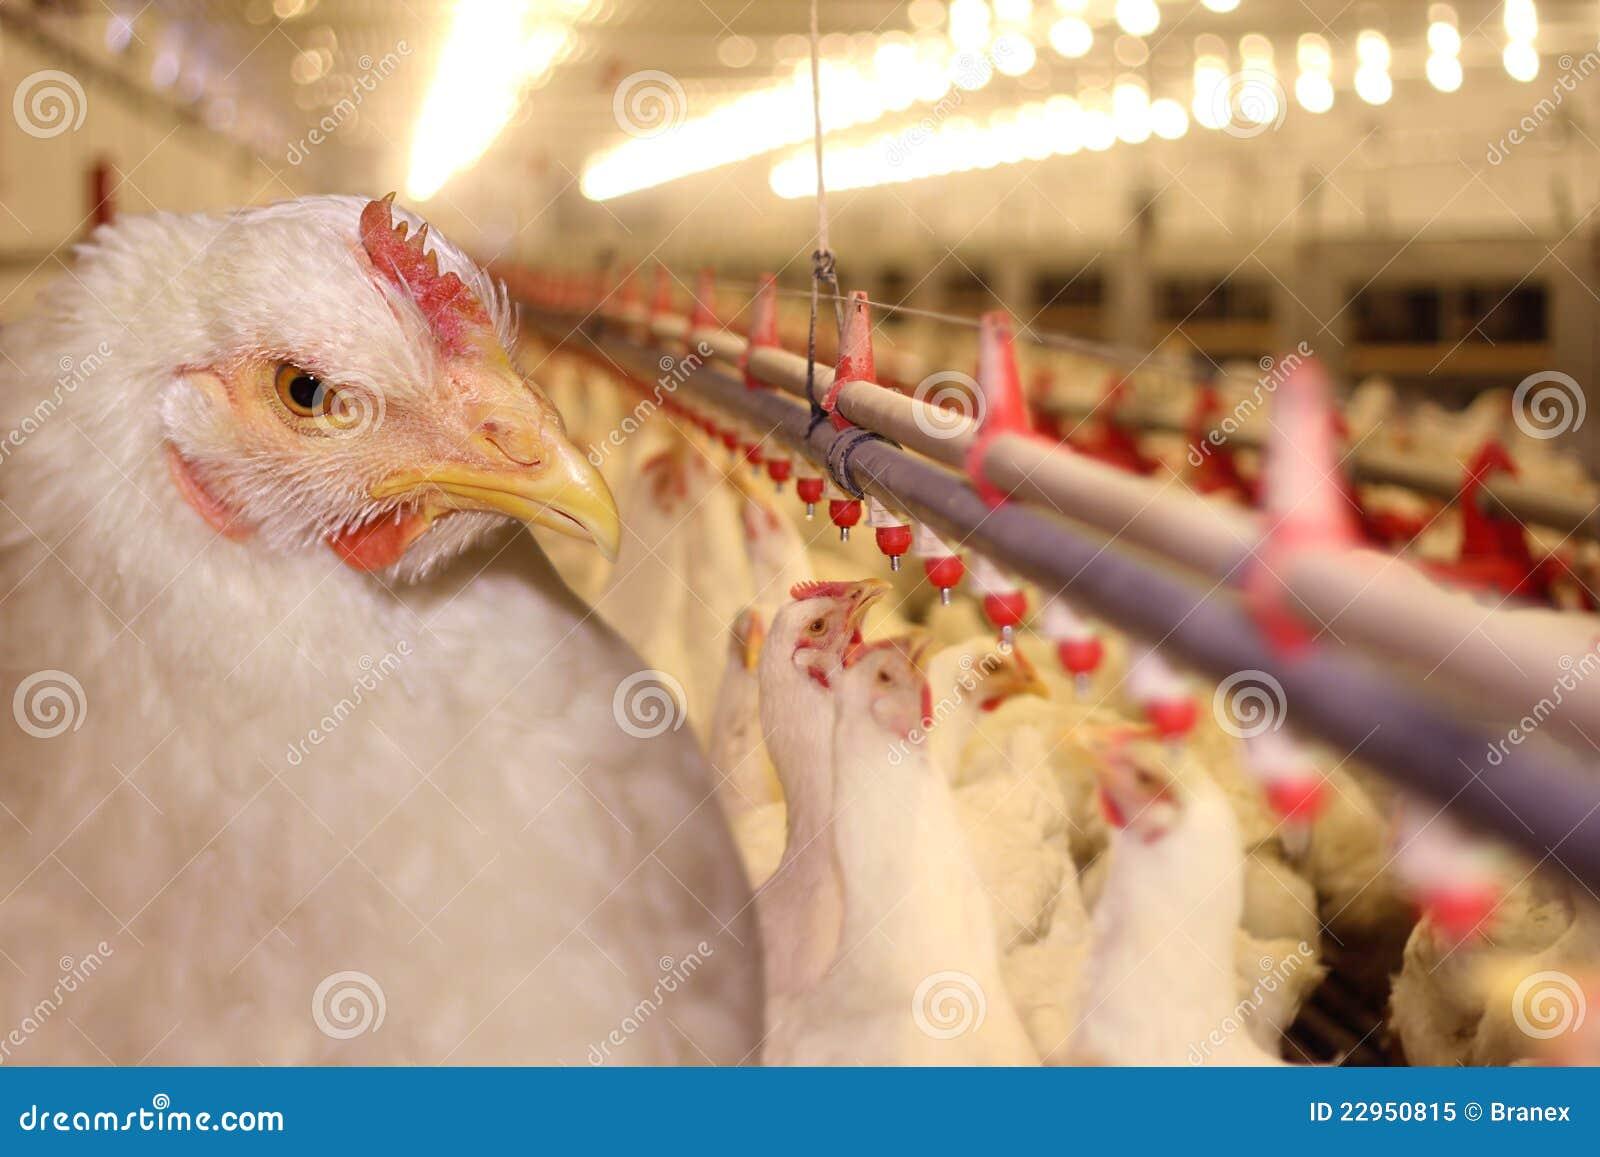 Granja de pollo